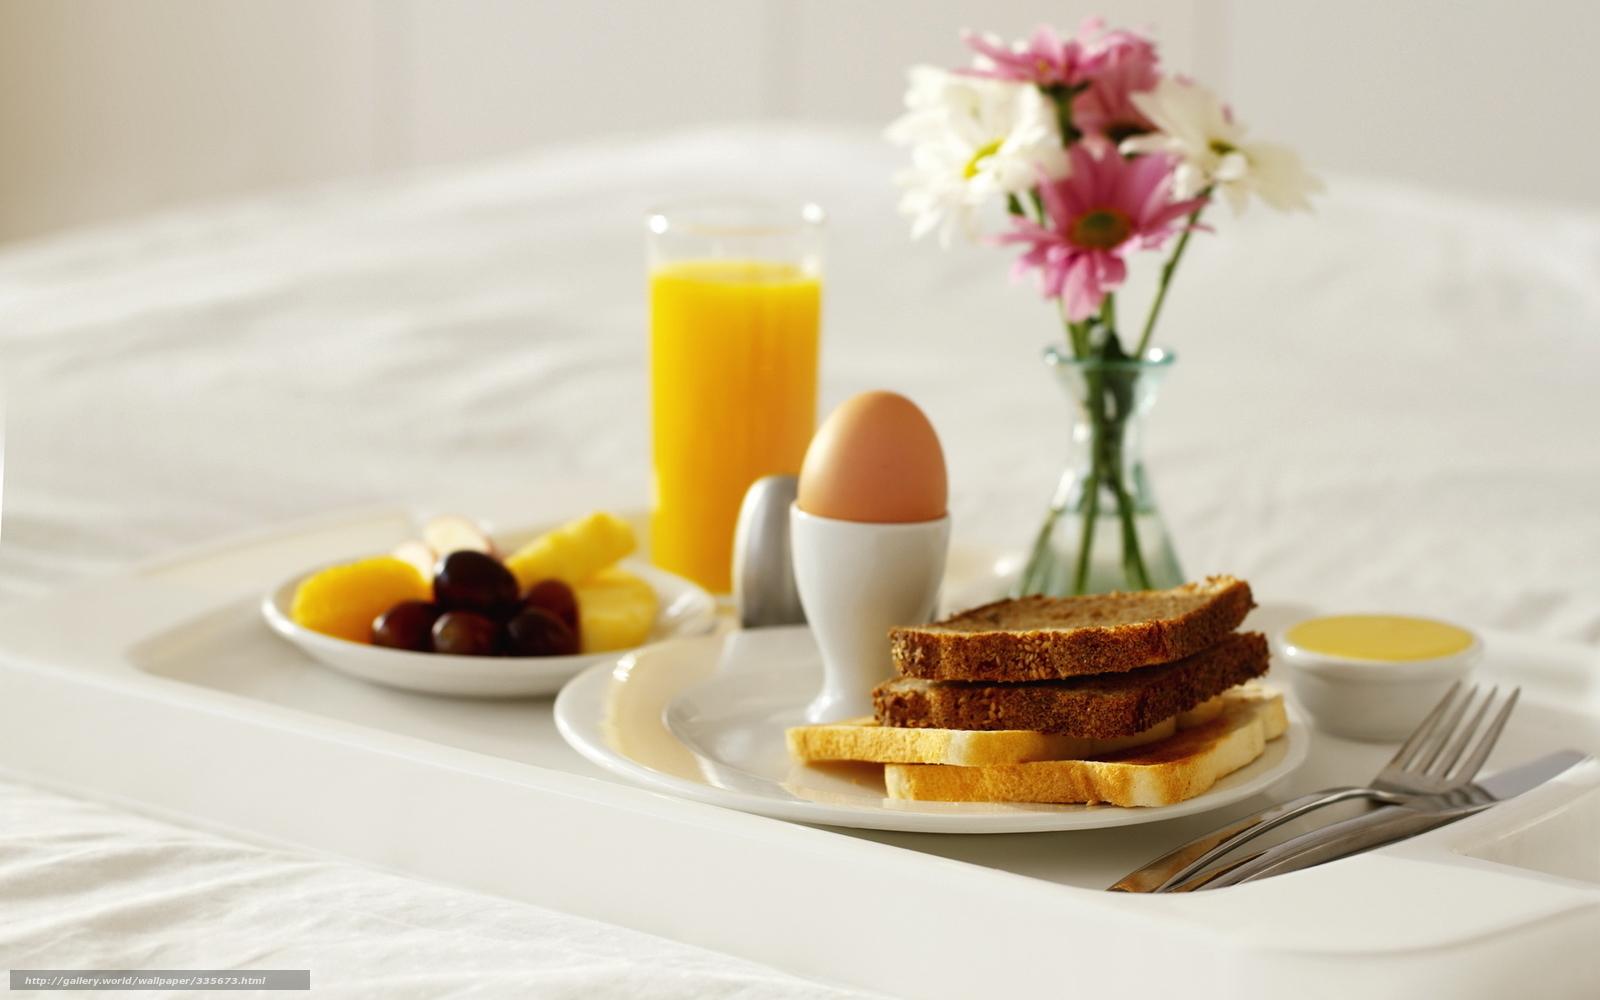 Скачать обои еда,   сладкое,   завтрак,   хлеб бесплатно для рабочего стола в разрешении 1920x1200 — картинка №335673